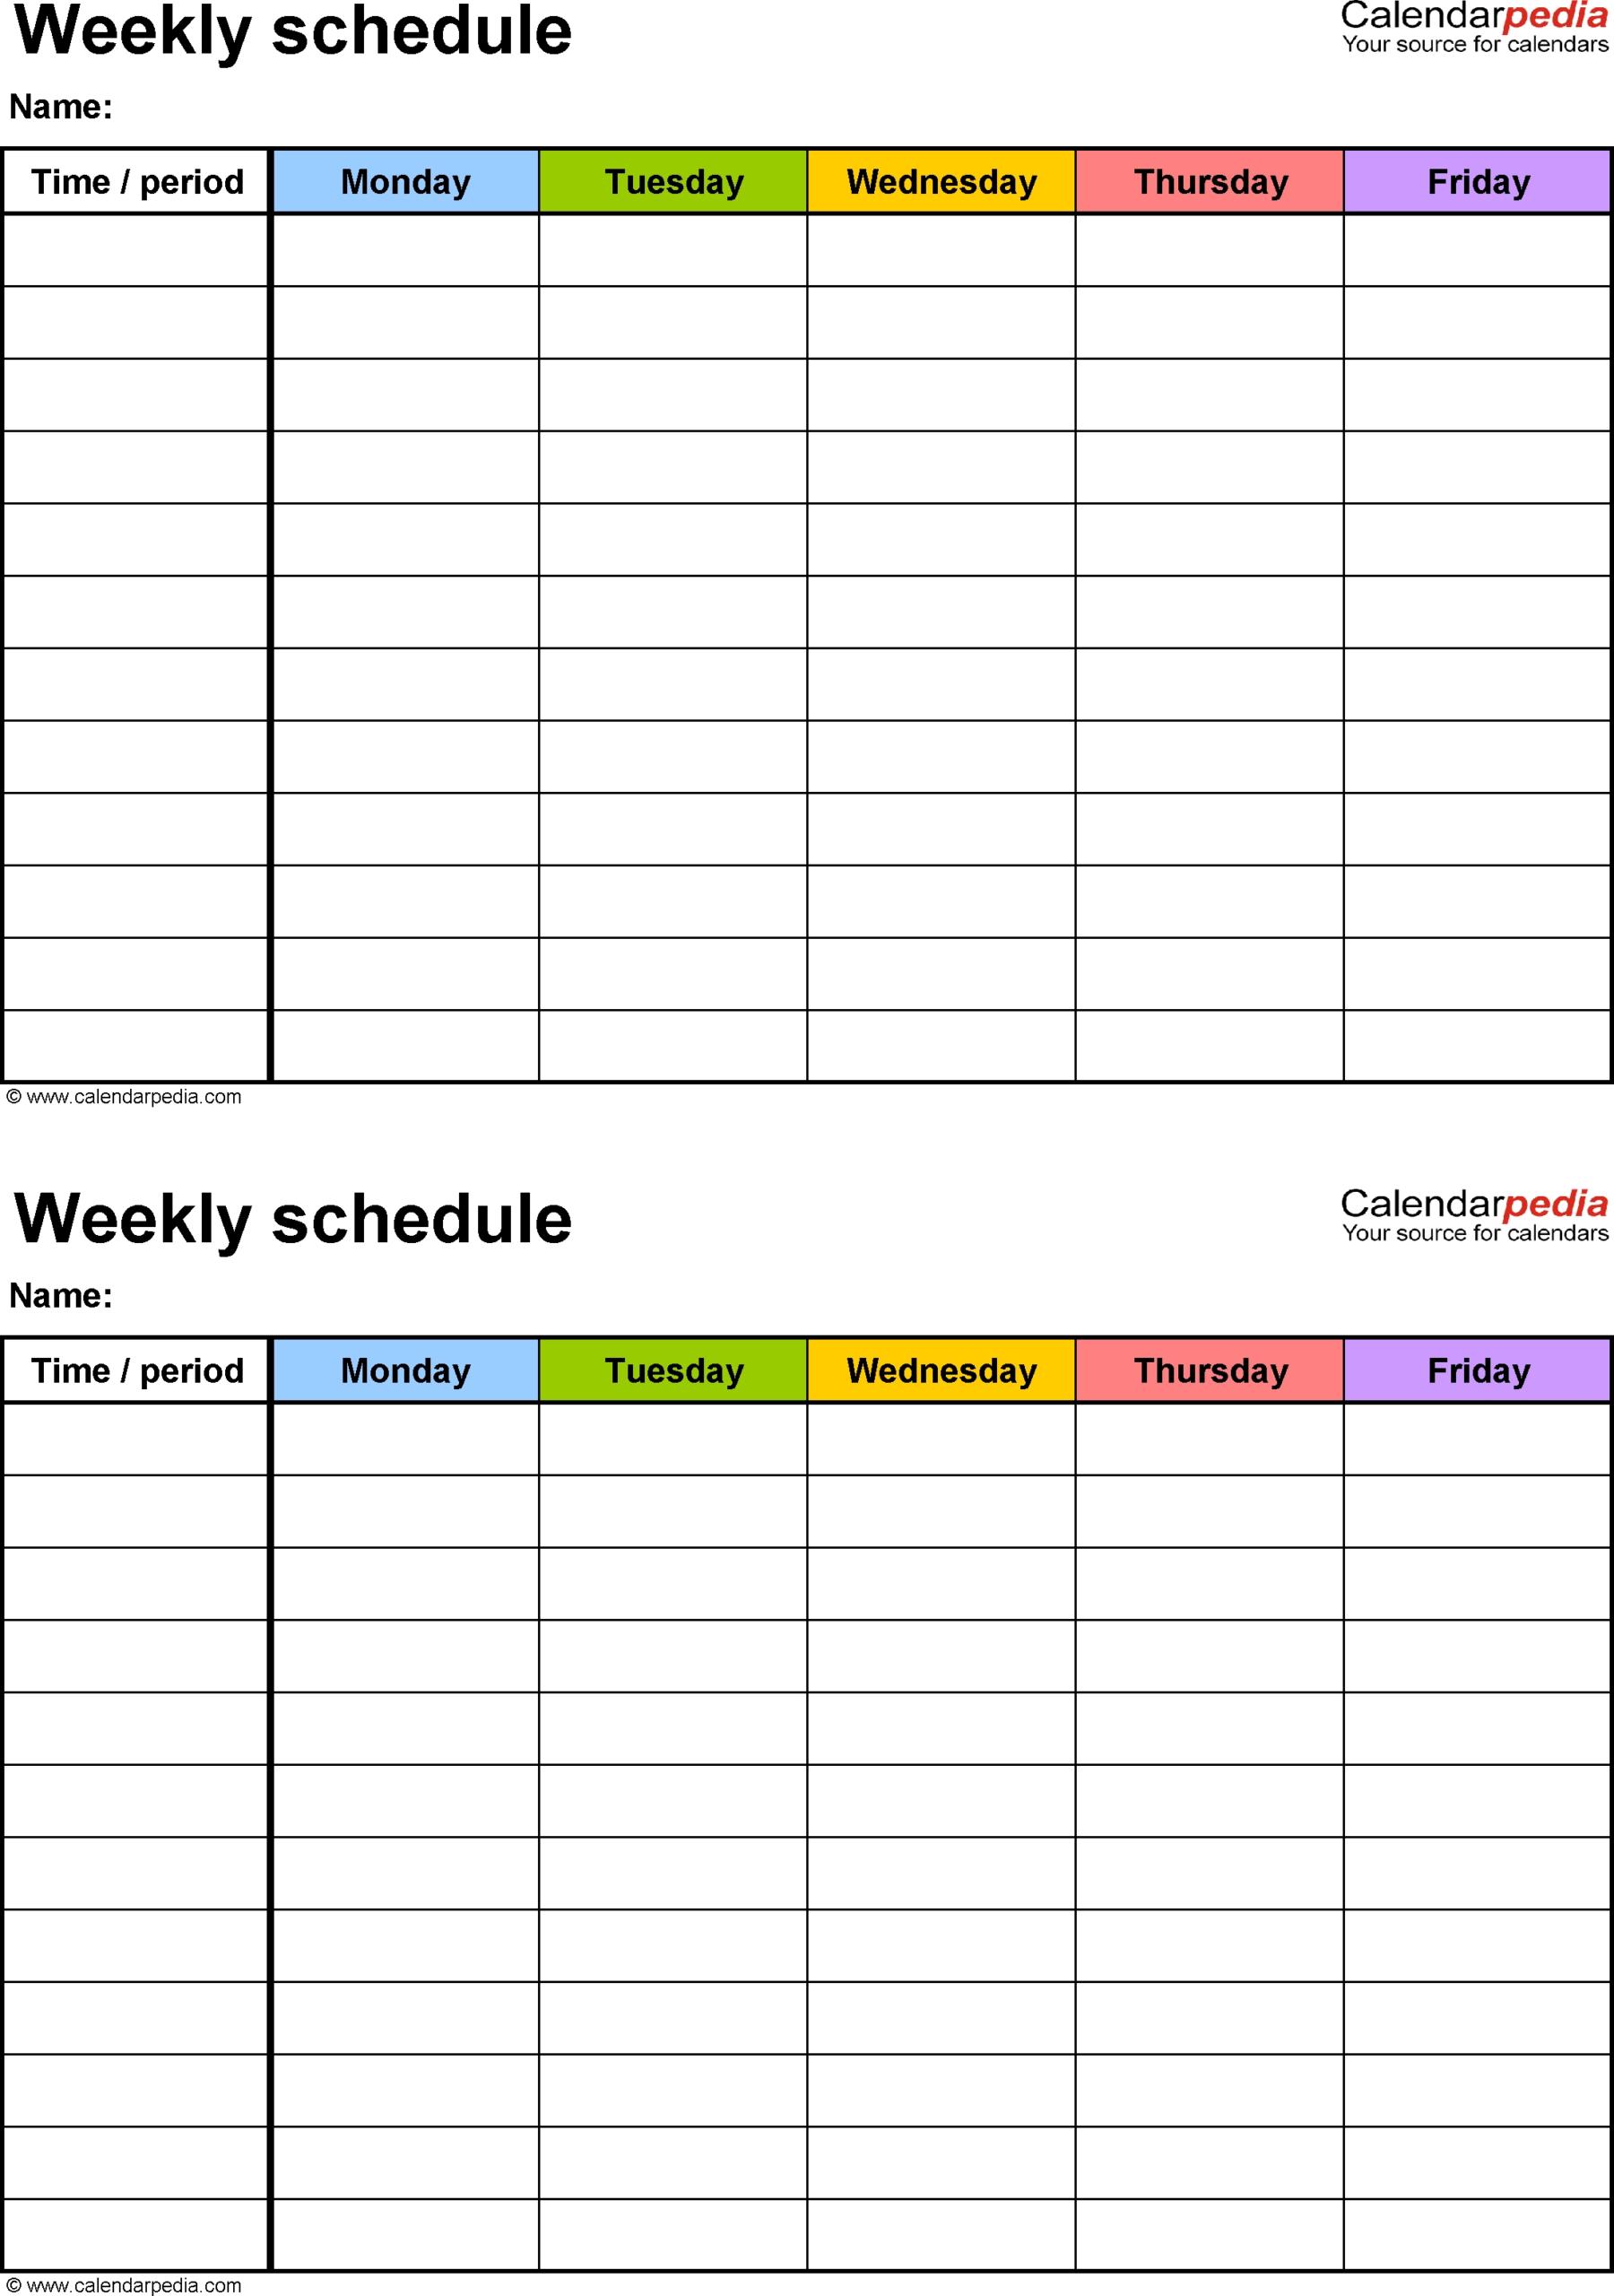 Blank Monday Through Friday Pdf   Calendar Template Printable regarding Blank Calendar Monday Through Friday